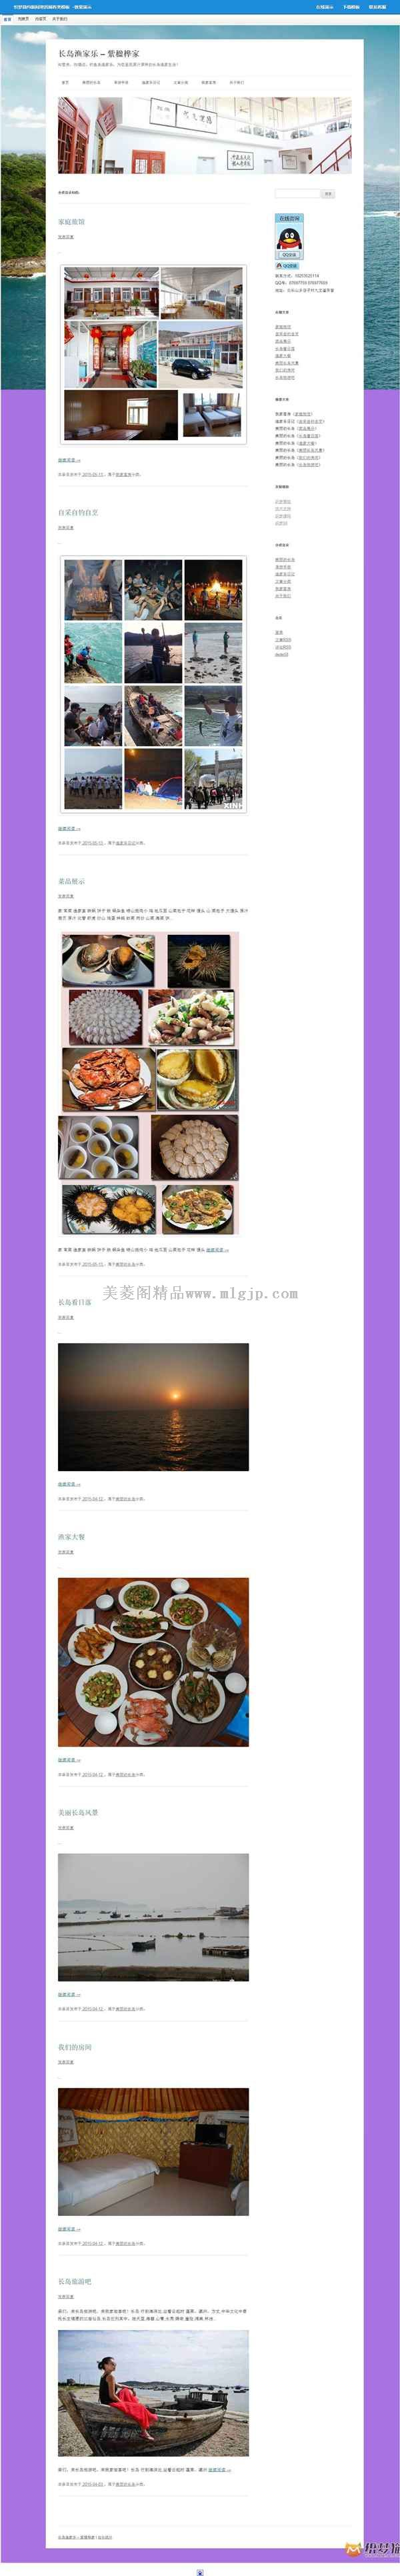 【织梦模板】织梦简约新闻资讯博客类模板